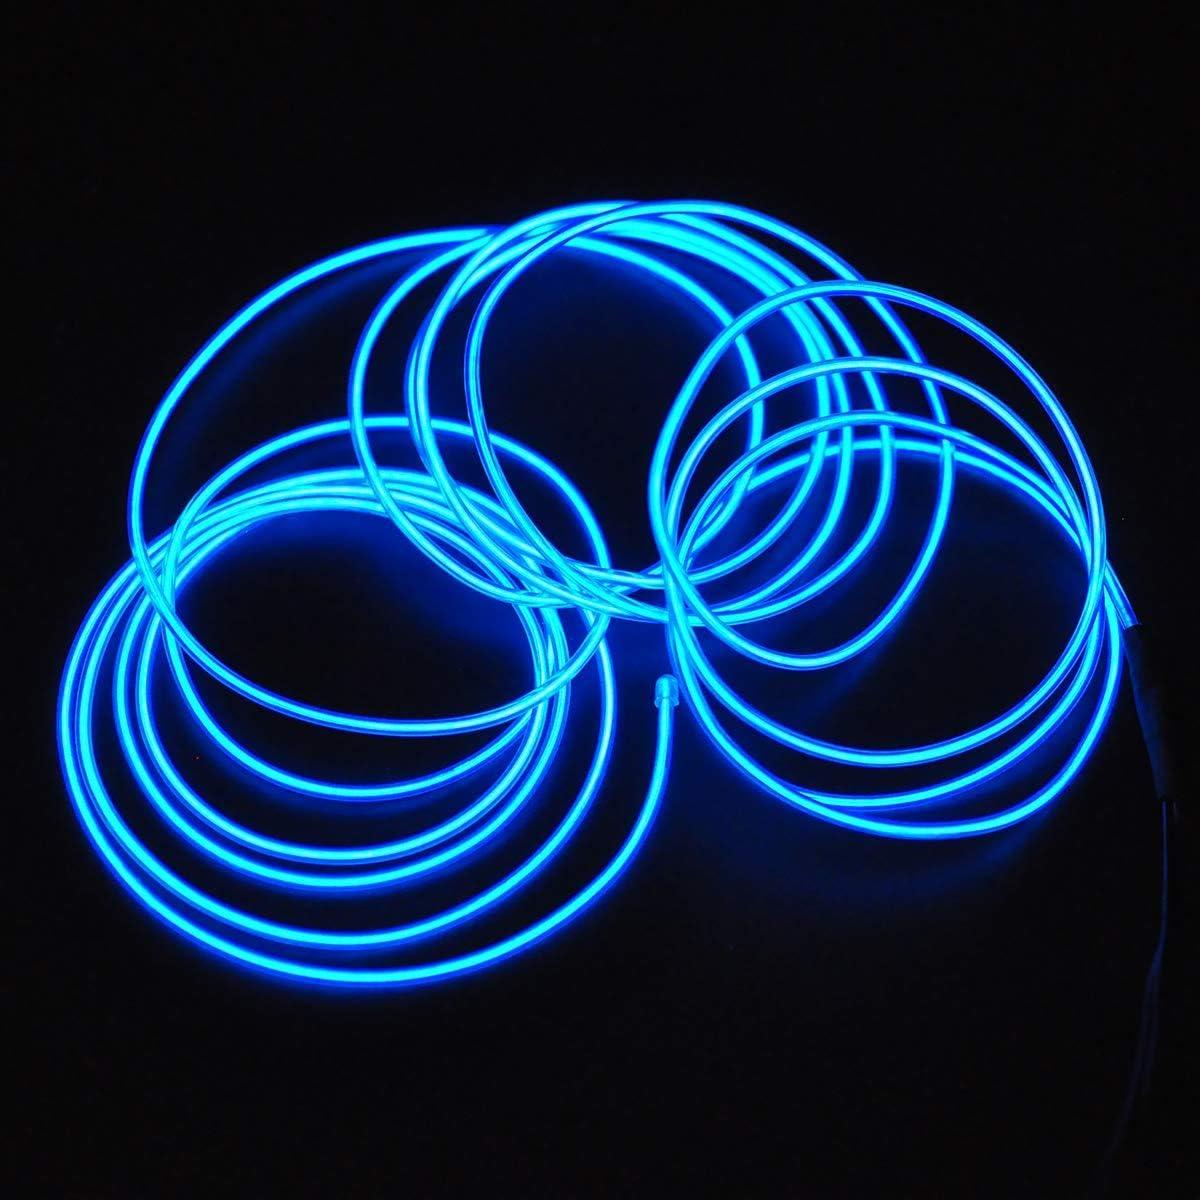 Songway Draht Neon Leuchtschnur EL Kabel euchtkabel Neon Wire Leuchtende Strobing Elektrolumineszenz mit 3 Modes f/ür Halloween Weihnachtsfeiern und Partybeleuchtung Smaragdgr/ün, 5M EL Wire